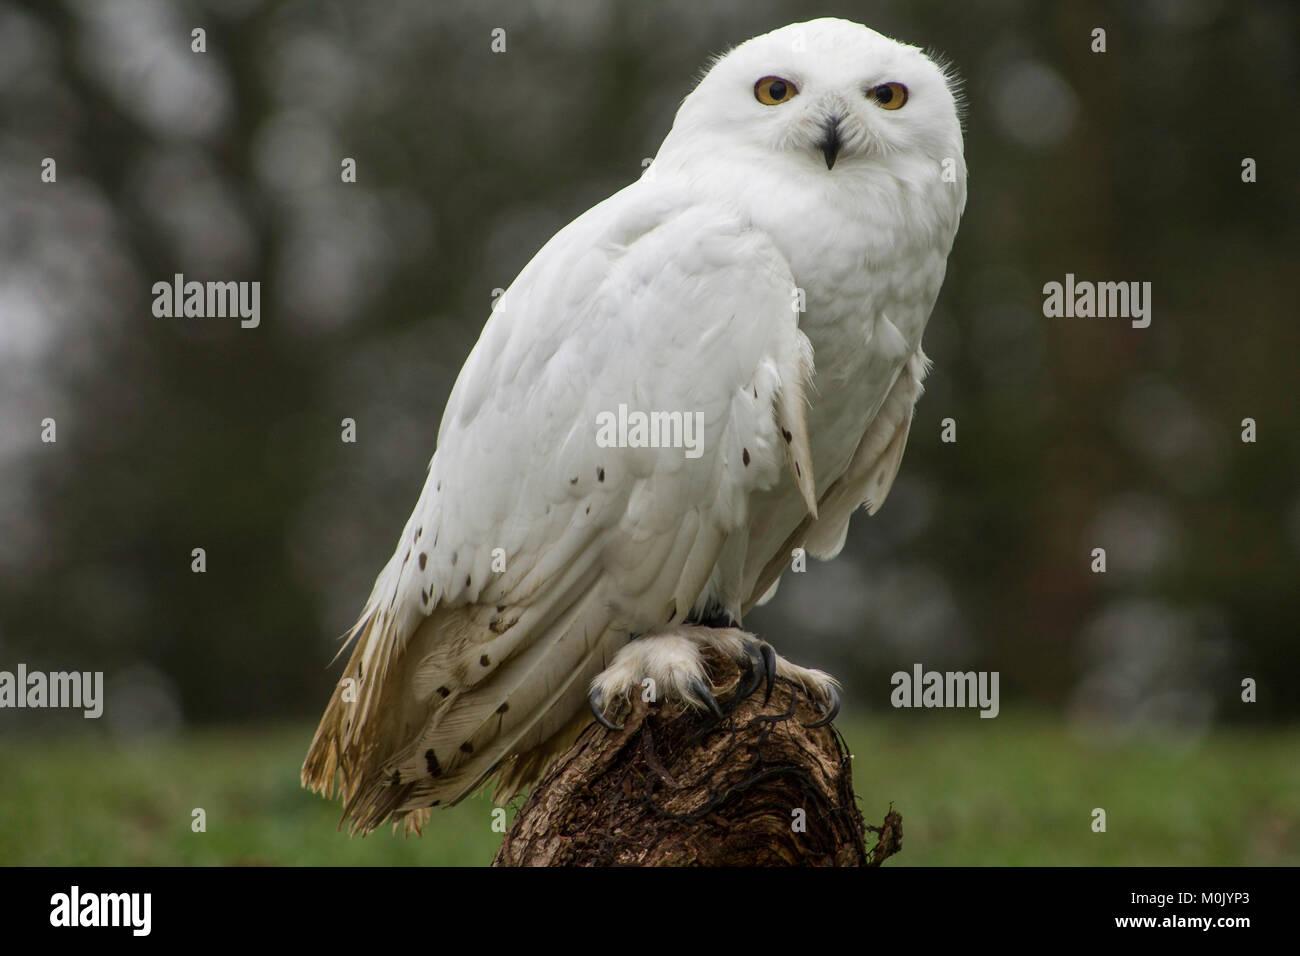 Snowy Owl - Greifvögel und Eulen Stockbild